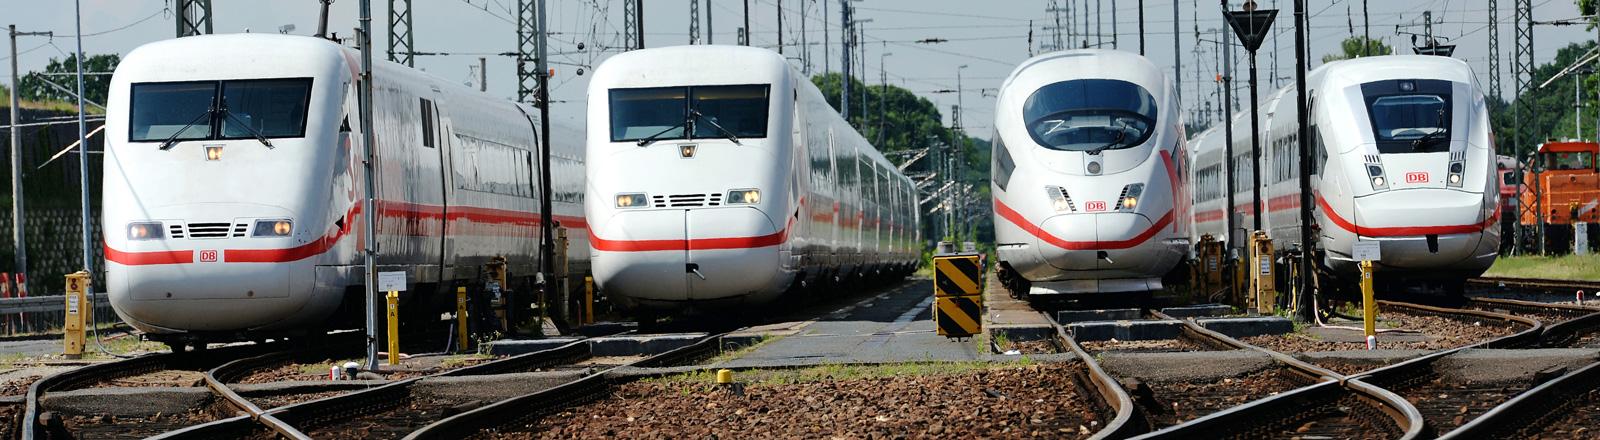 Vier Generationen des ICEs stehen auf Gleisen nebeneinander; Foto: dpa